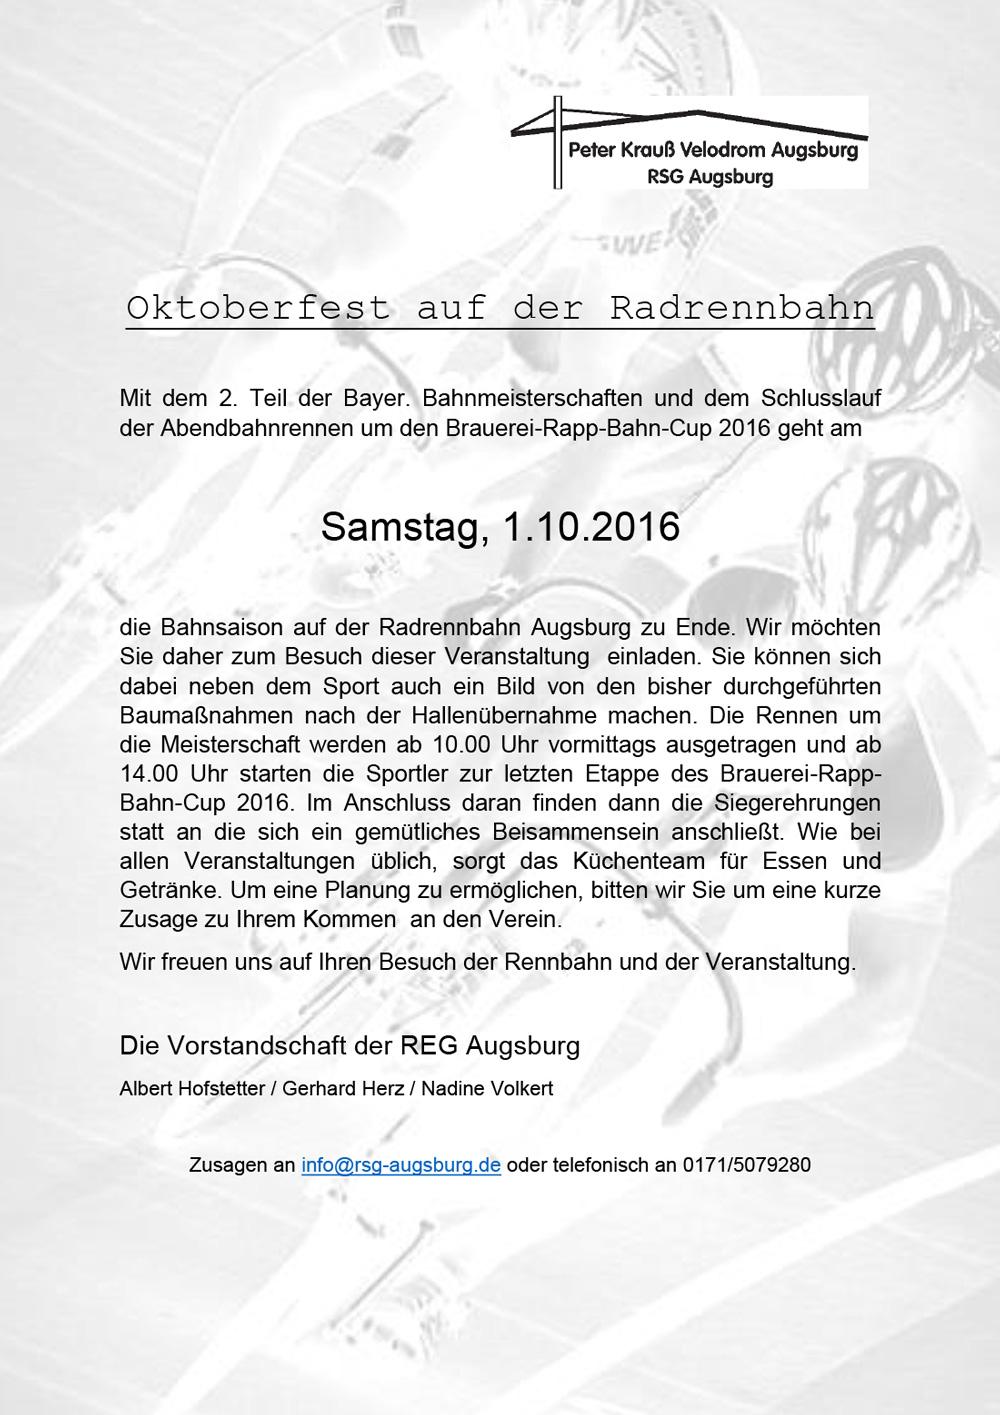 oktoberfest-auf-der-radrennbahn